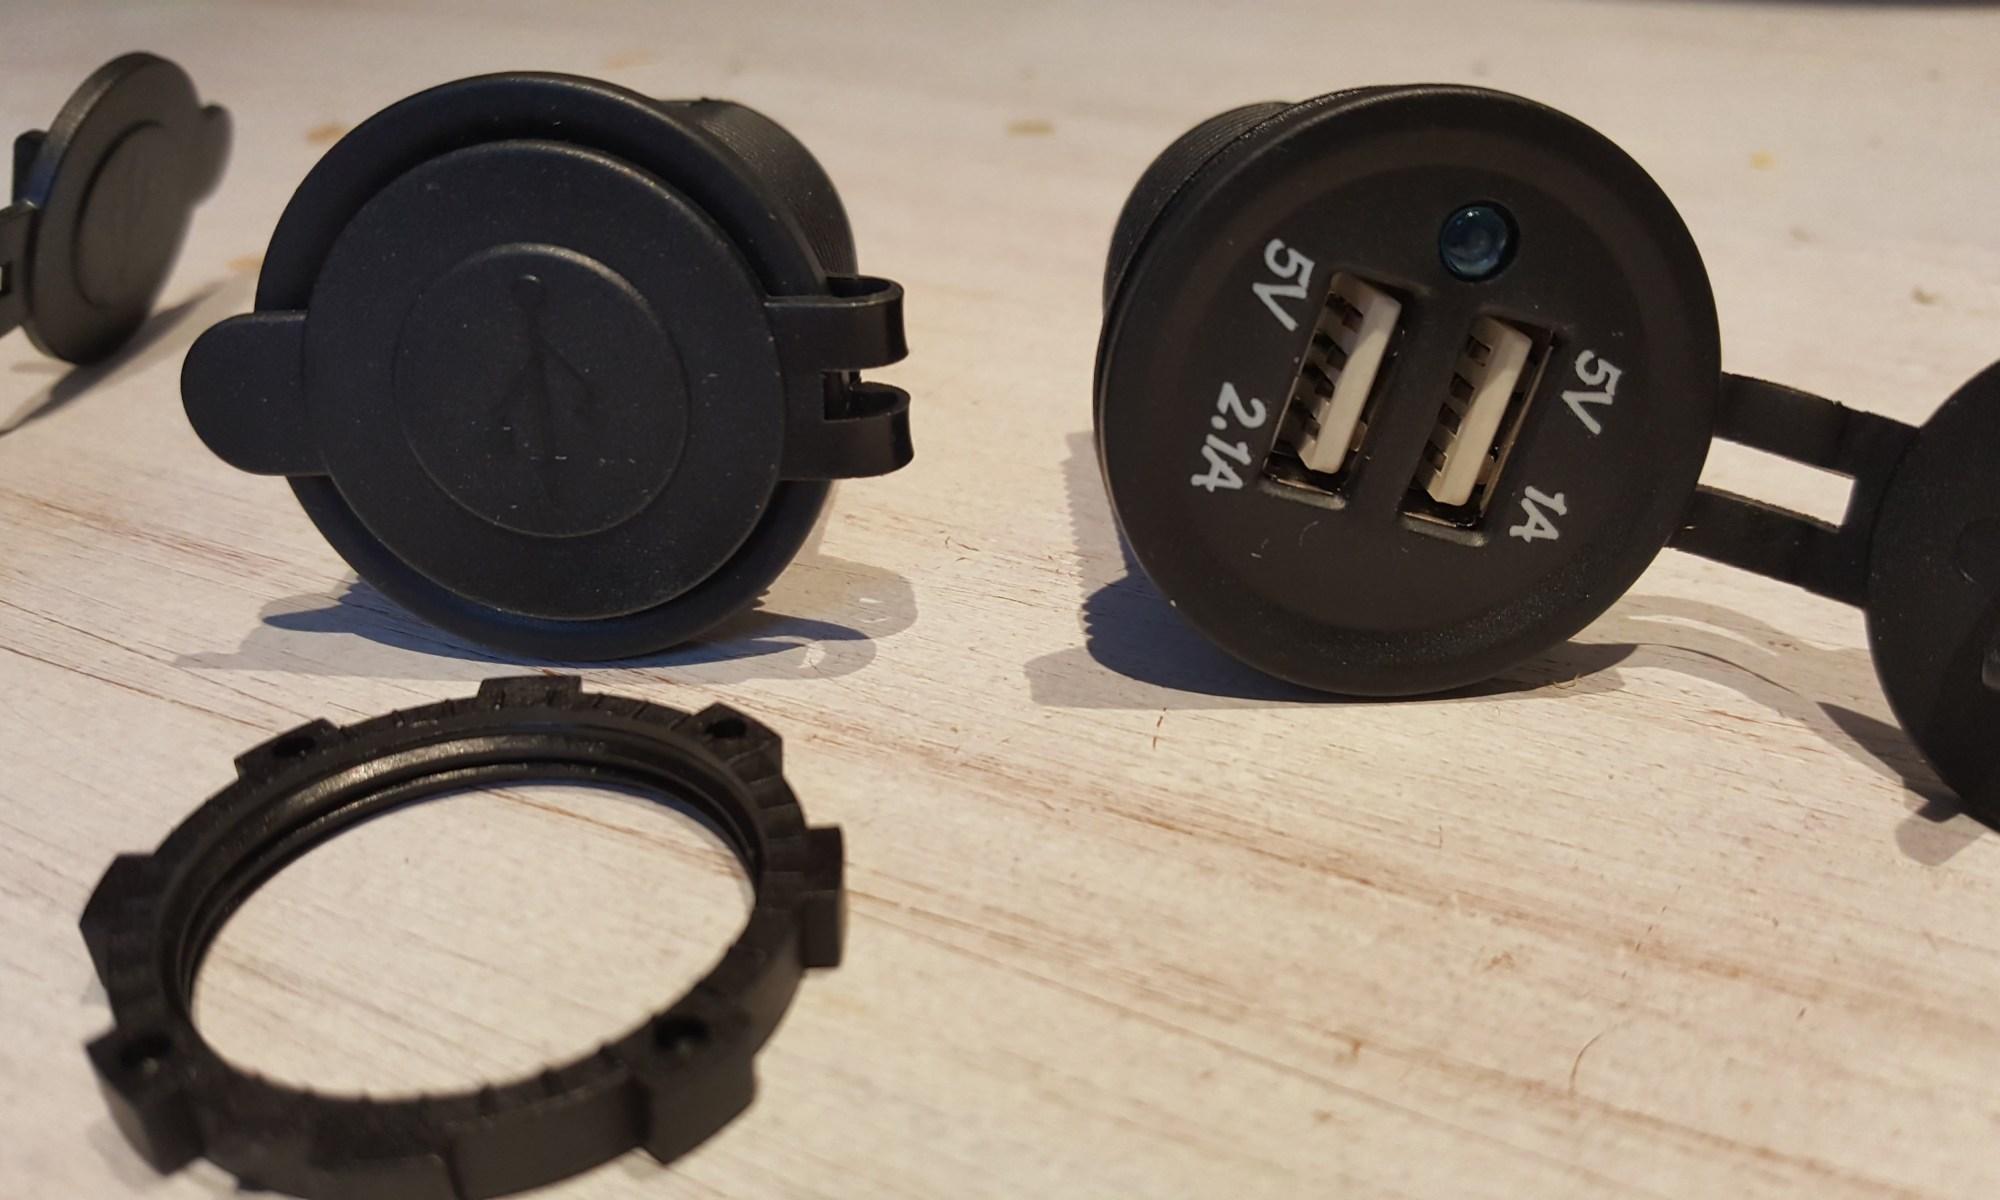 usb car plug / socket charger sigarete lighter